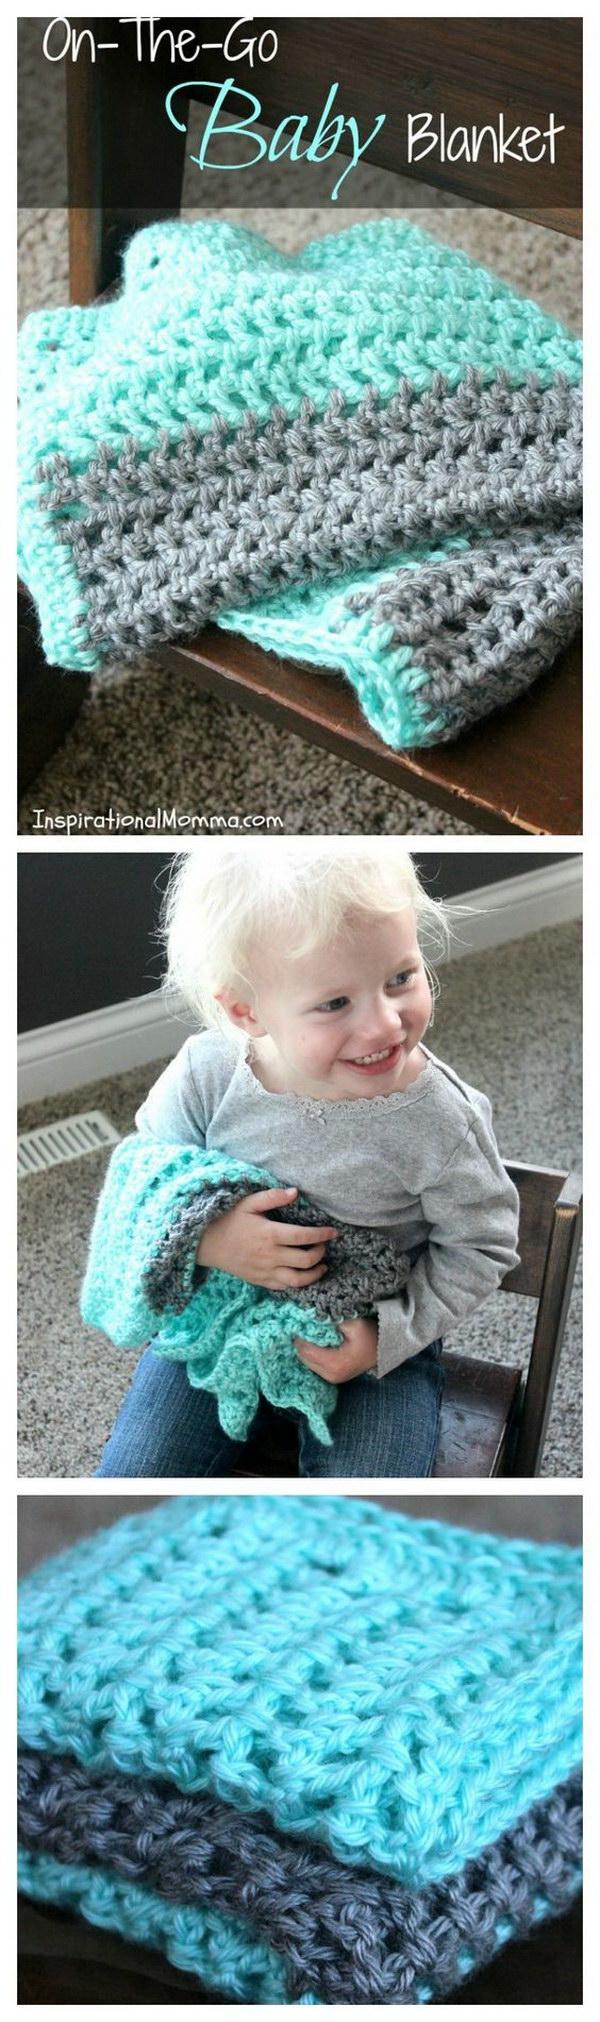 On The Go Crochet Baby Blanket.